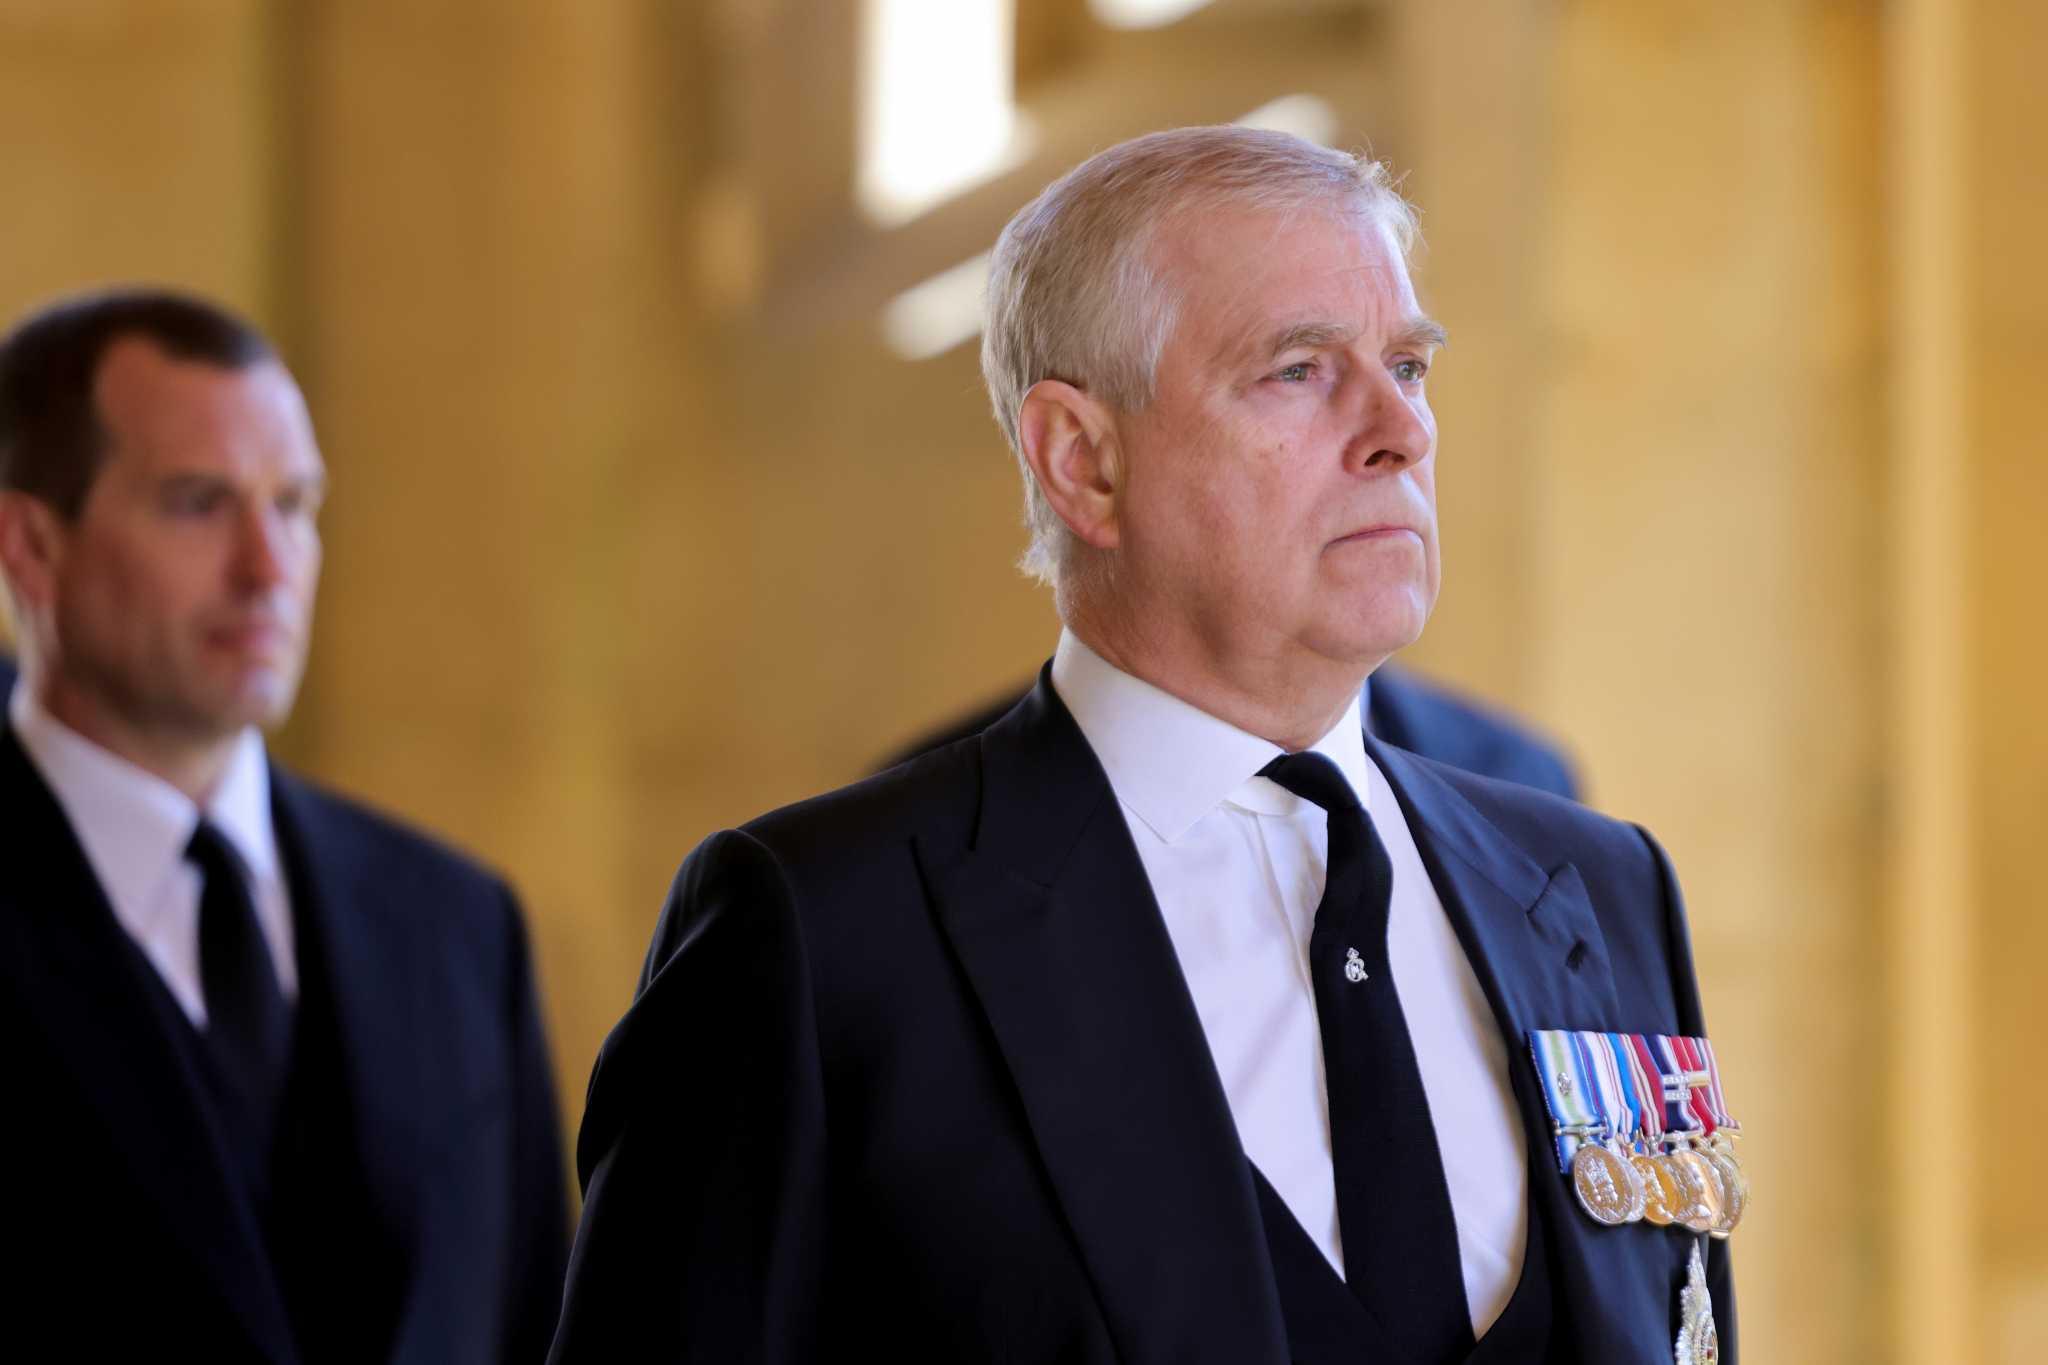 Ο πρίγκιπας Άντριου έλαβε τη μήνυση-βόμβα από θύμα του Τζέφρι Έπσταϊν – «Κακοποιήθηκα τρεις φορές»